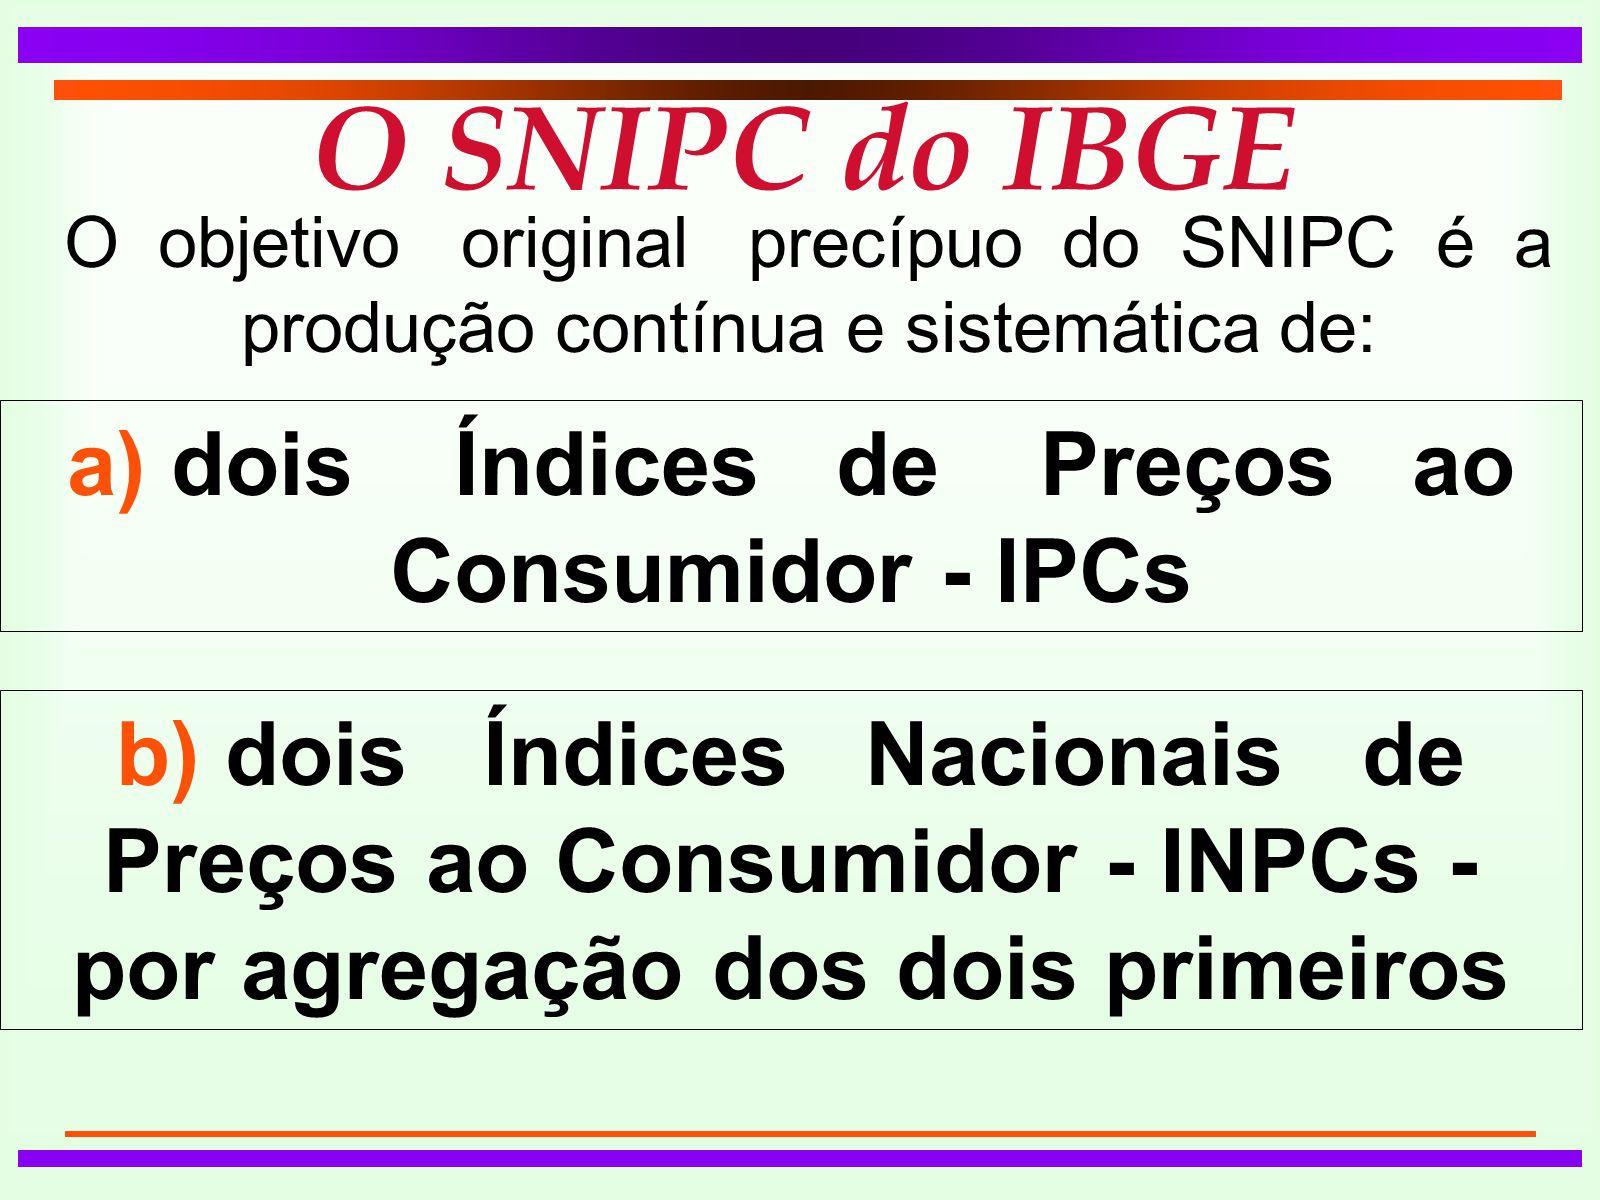 O SNIPC do IBGE O objetivo original precípuo do SNIPC é a produção contínua e sistemática de: a) dois Índices de Preços ao Consumidor - IPCs b) dois Índices Nacionais de Preços ao Consumidor - INPCs - por agregação dos dois primeiros